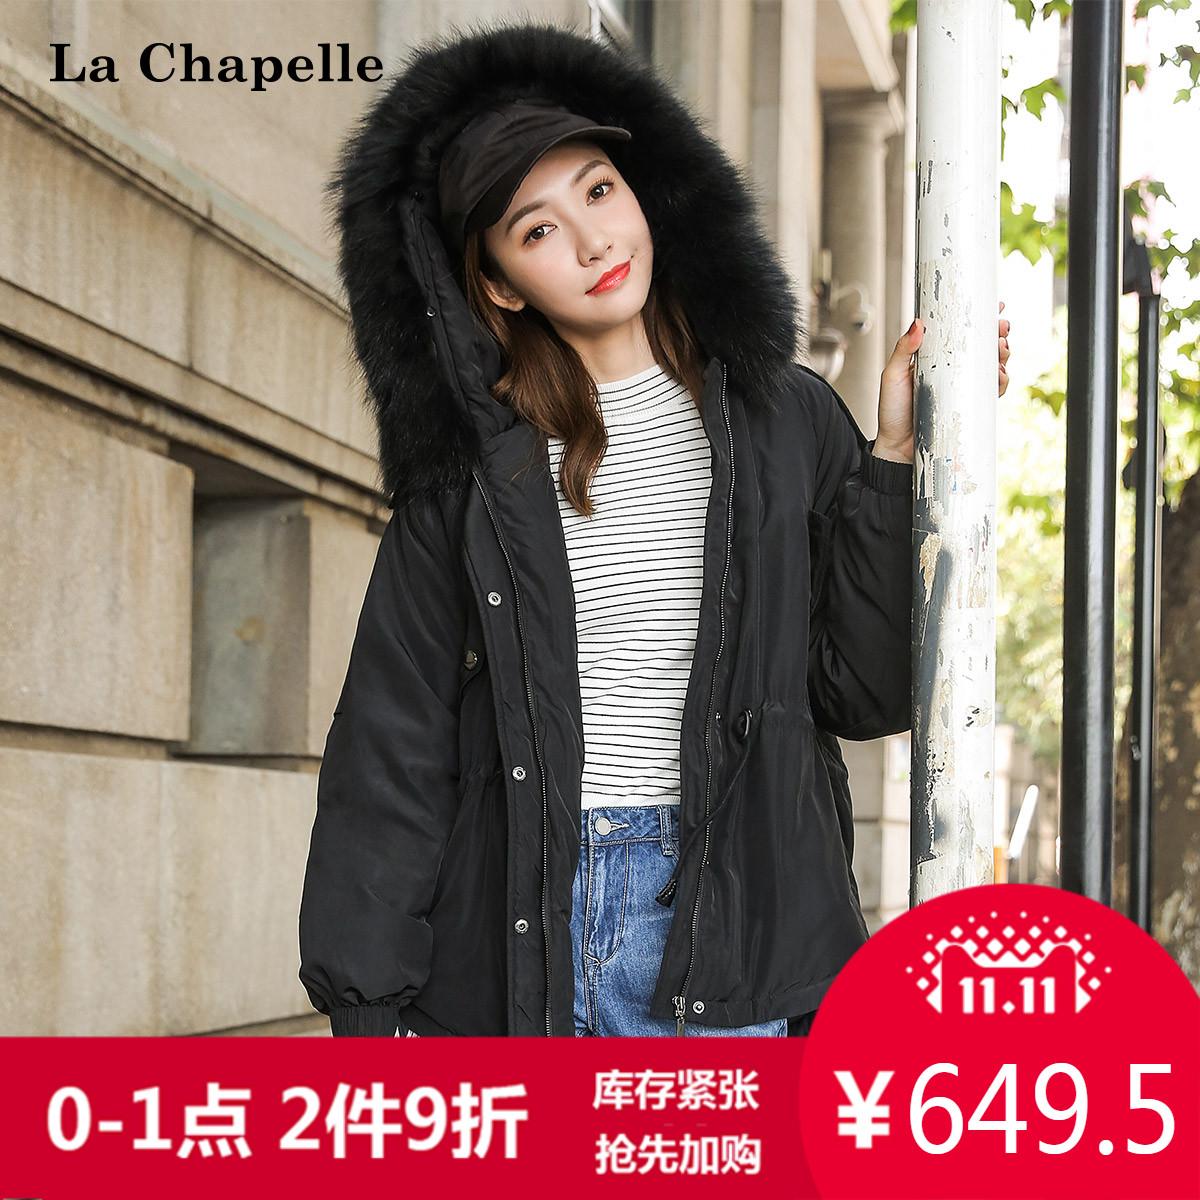 羽绒服连帽毛领女士2017冬季新款韩版时尚中长款小个子女装潮外套